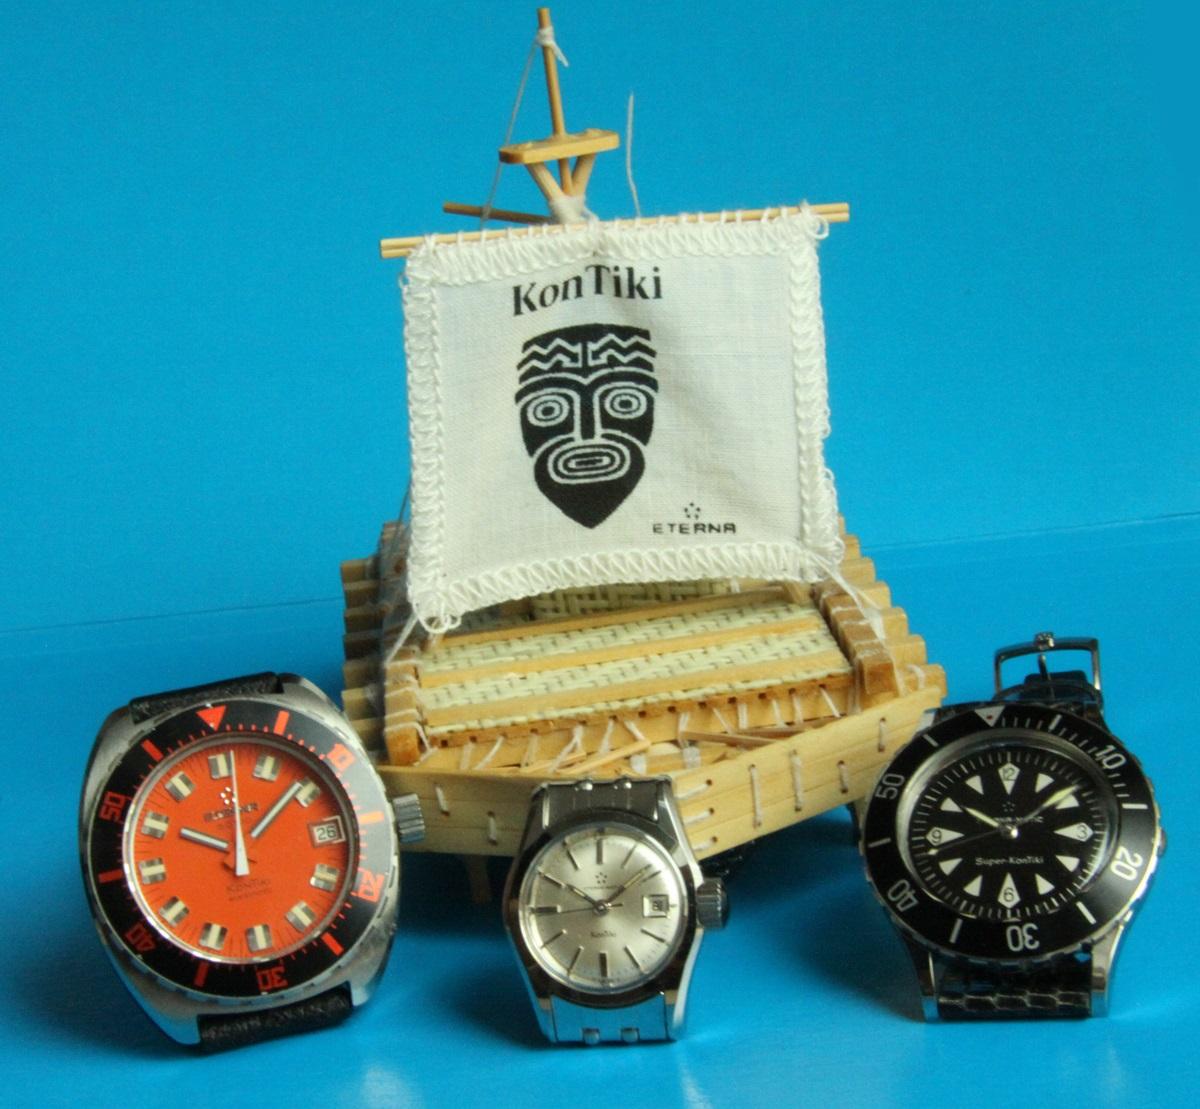 wystawa zegarków Eterna KonTiKi